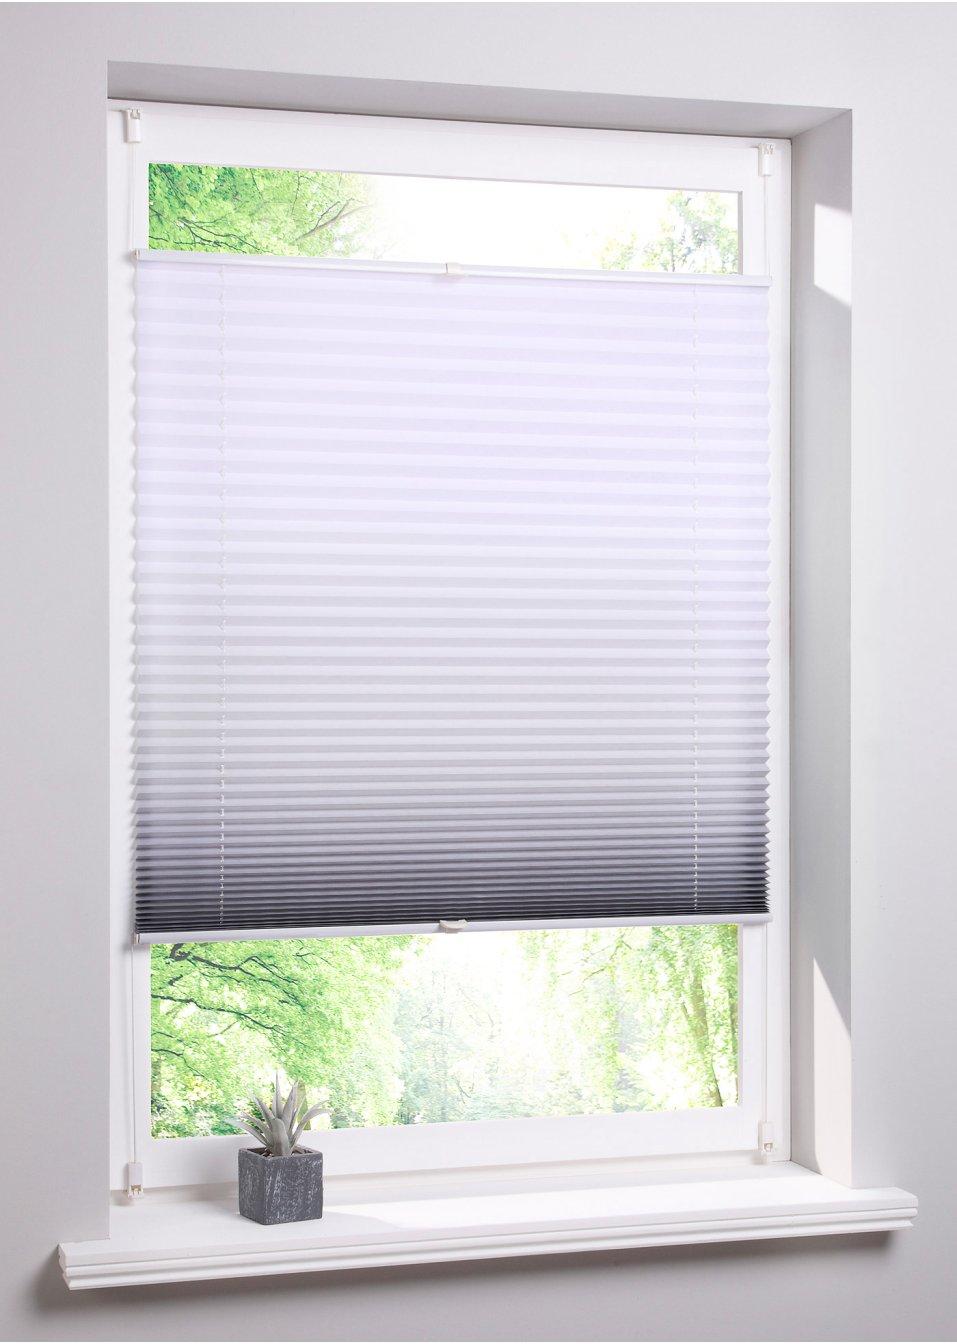 moderner sichtschutz das plissee verlauf in vielen farben grau klemmtr ger. Black Bedroom Furniture Sets. Home Design Ideas